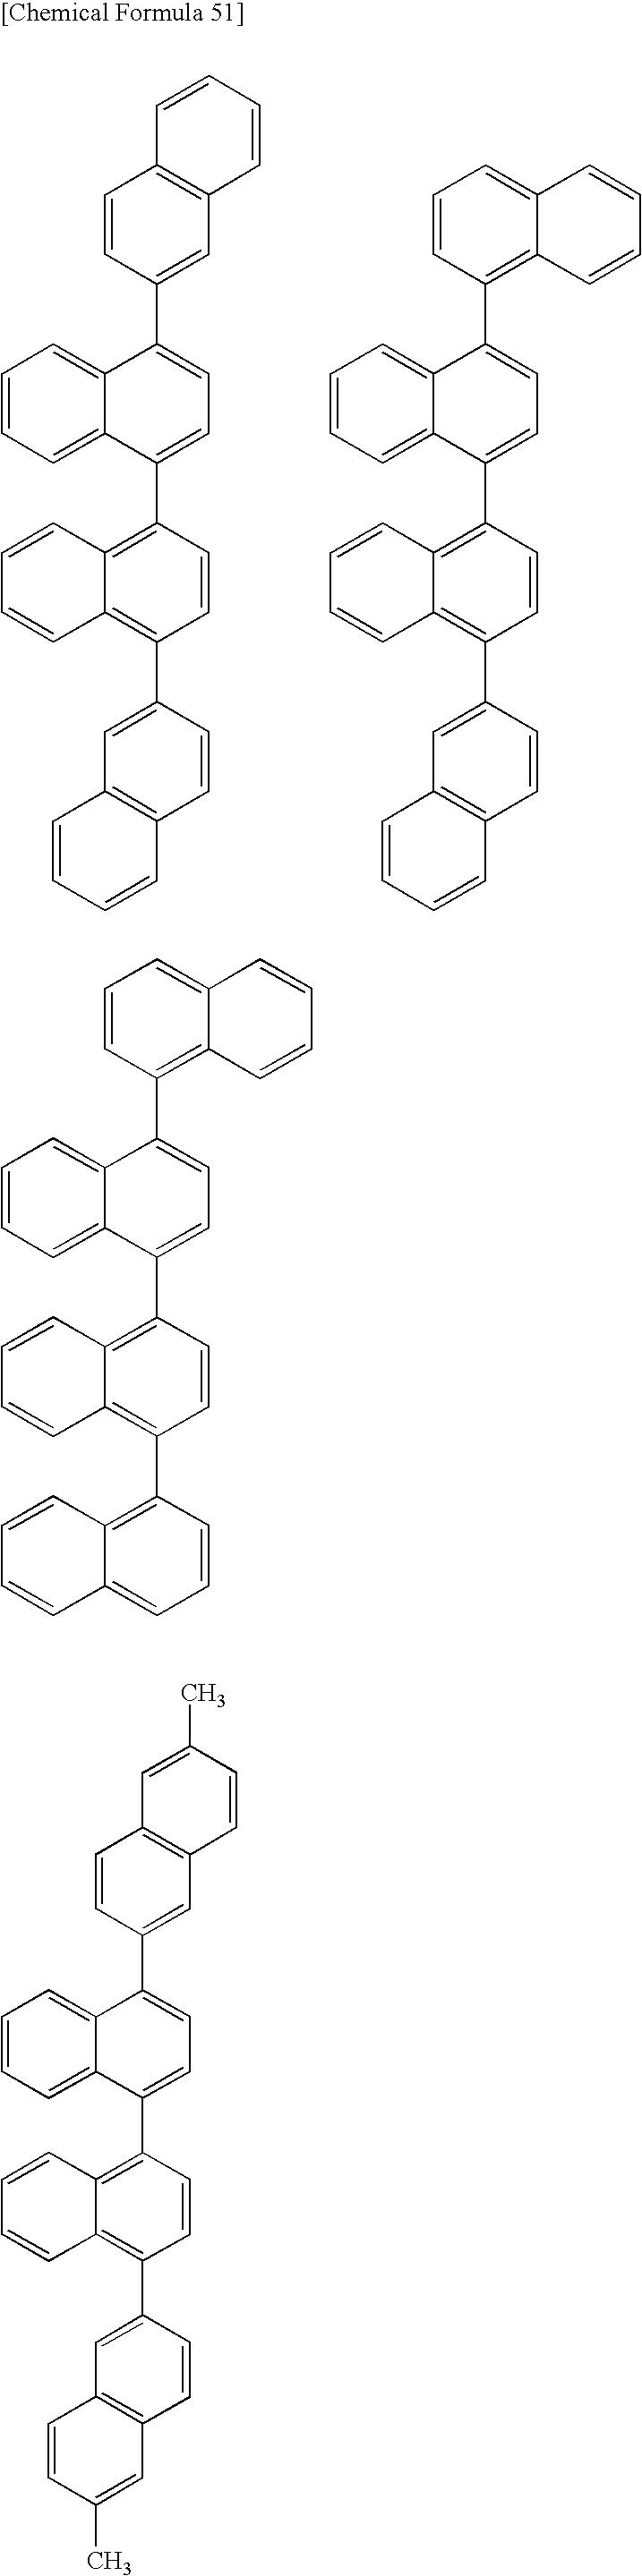 Figure US20100171109A1-20100708-C00083